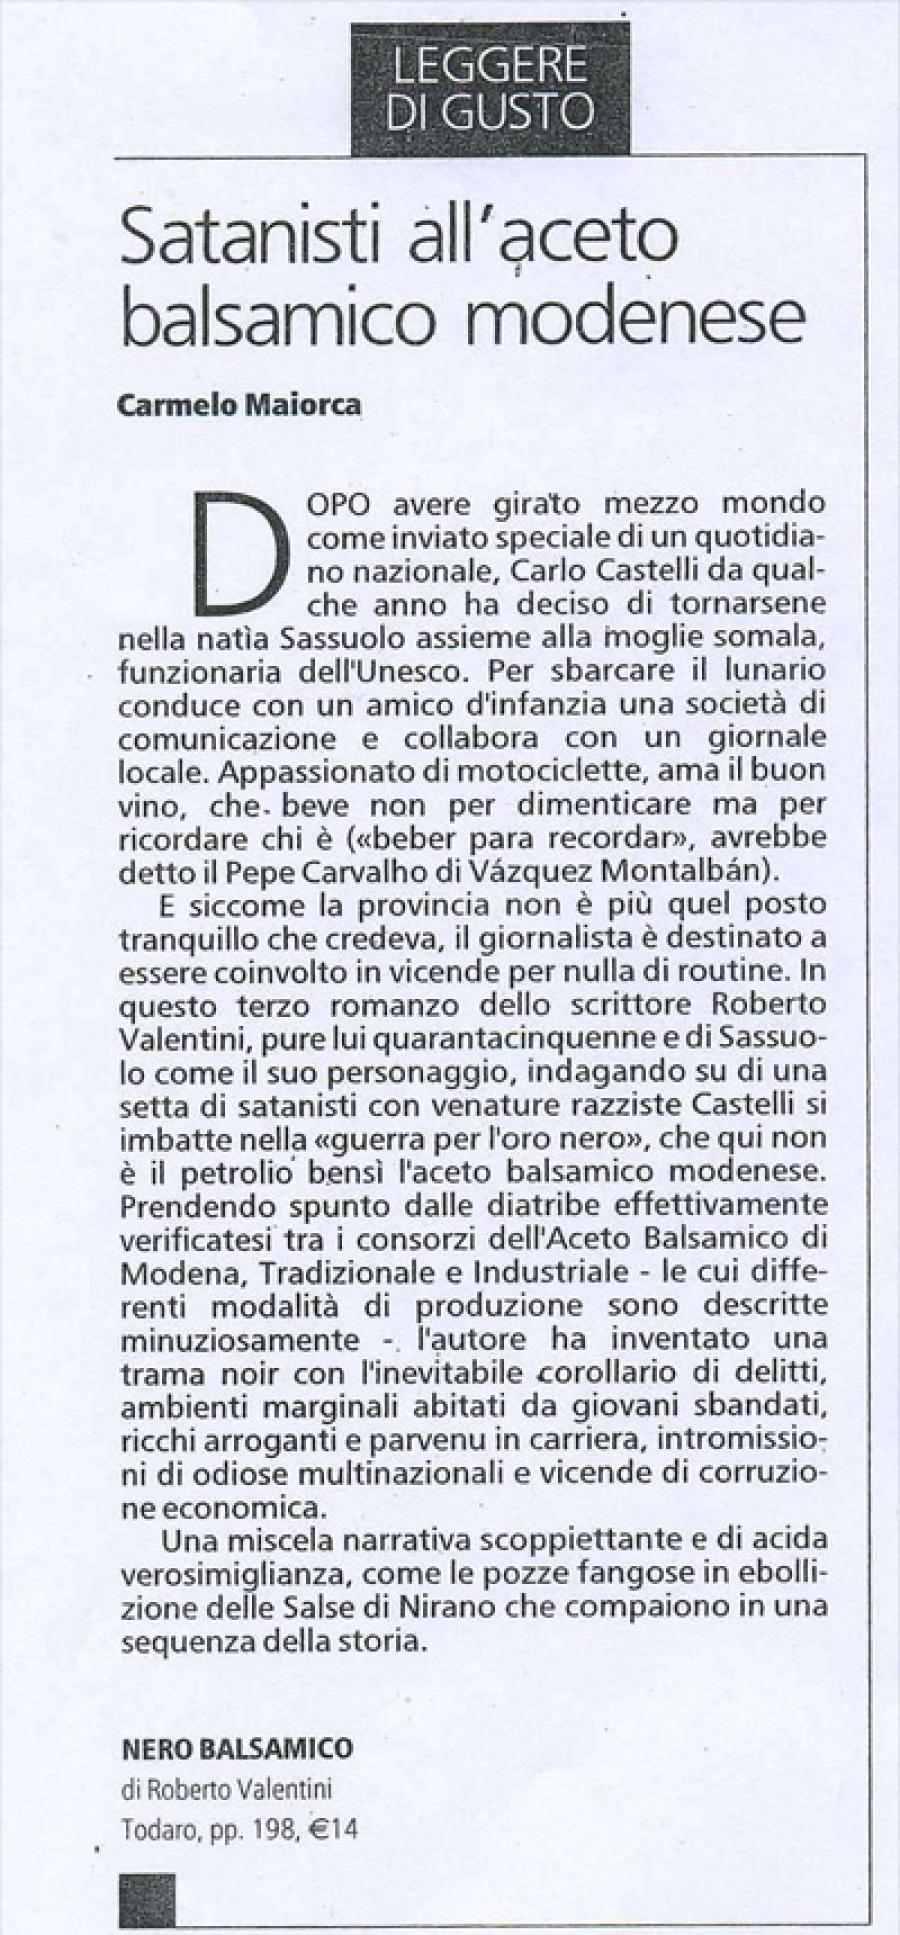 Carmelo Maiorca, La Stampa Tuttolibri, 17 maggio 2005